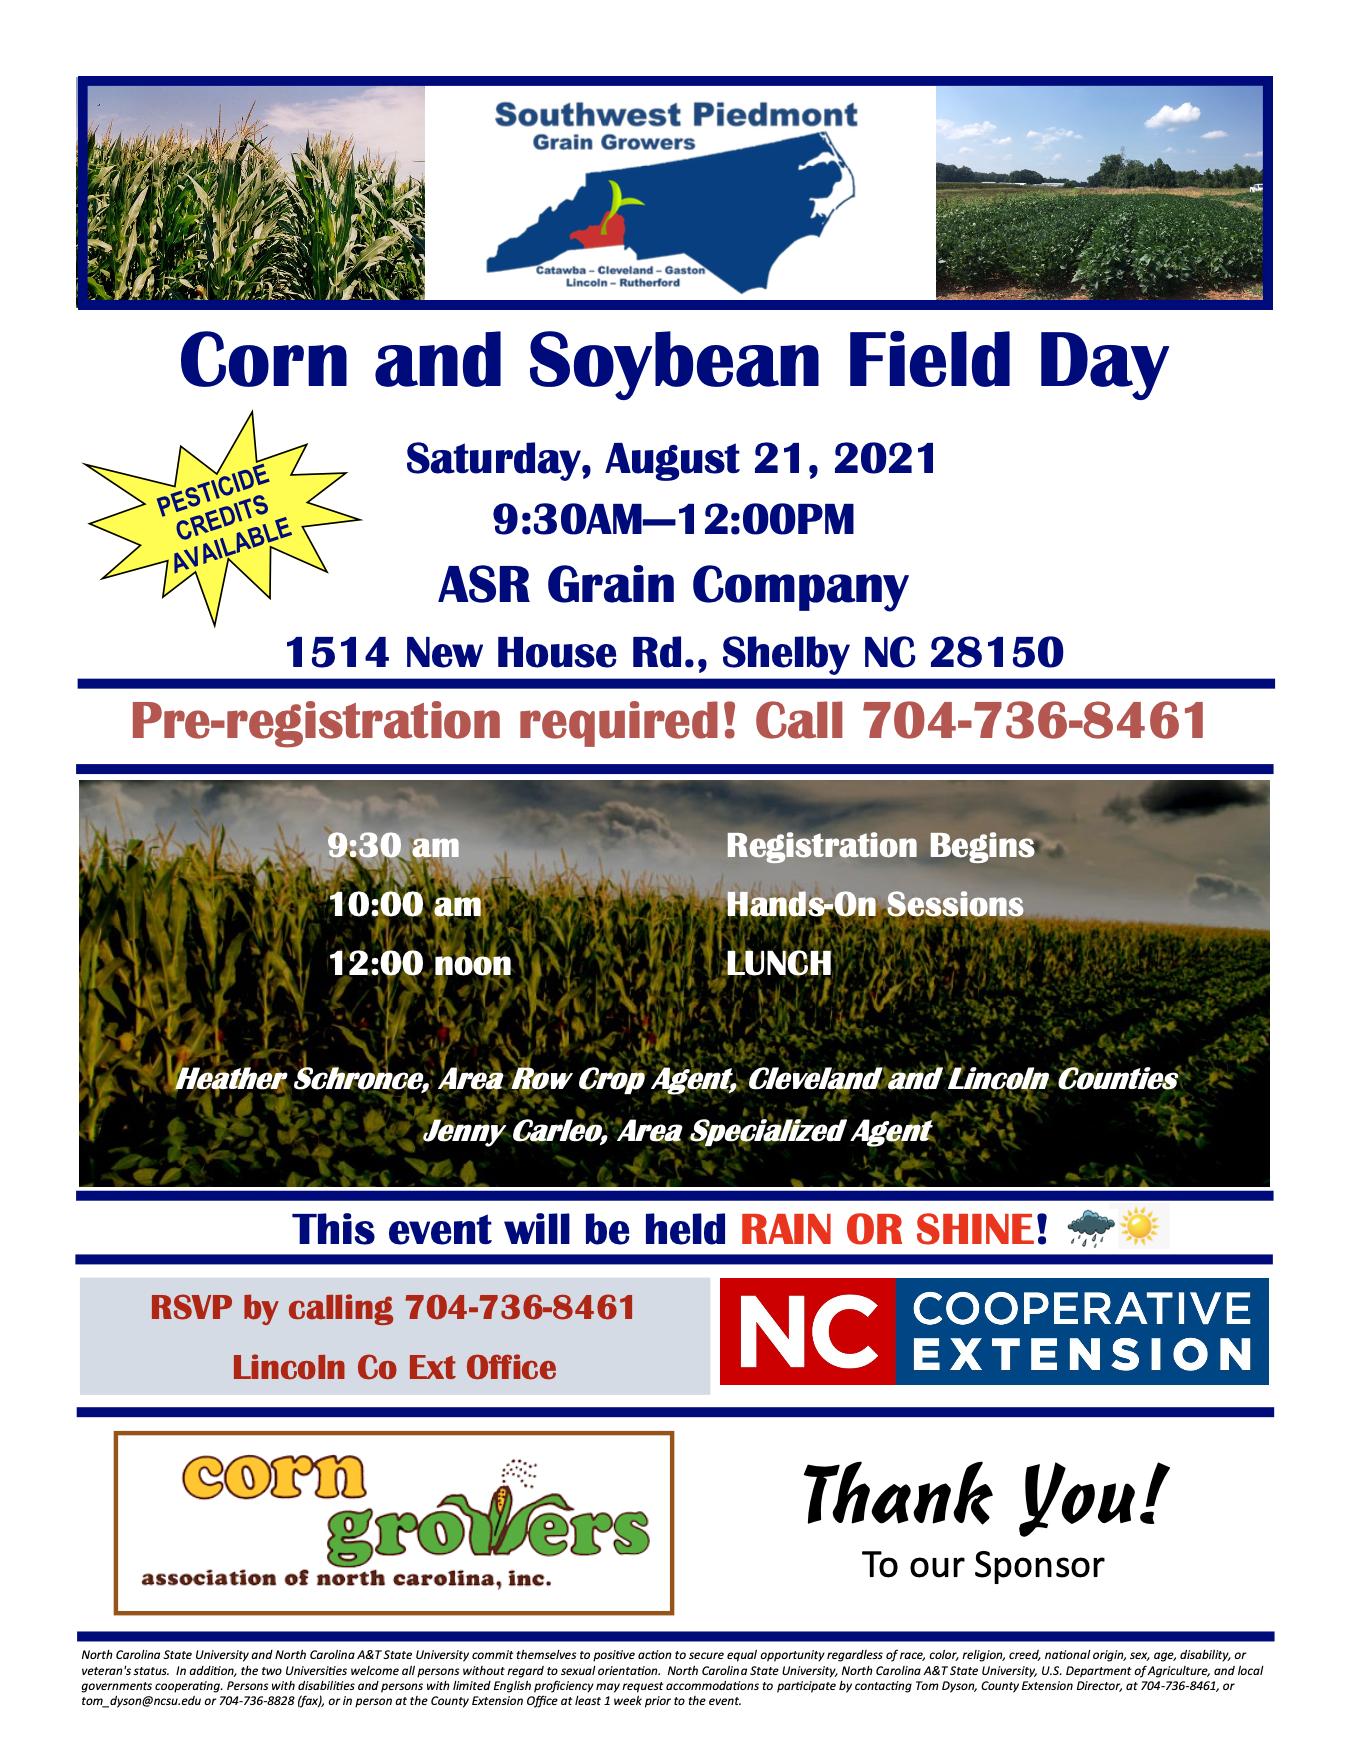 Soybean fields